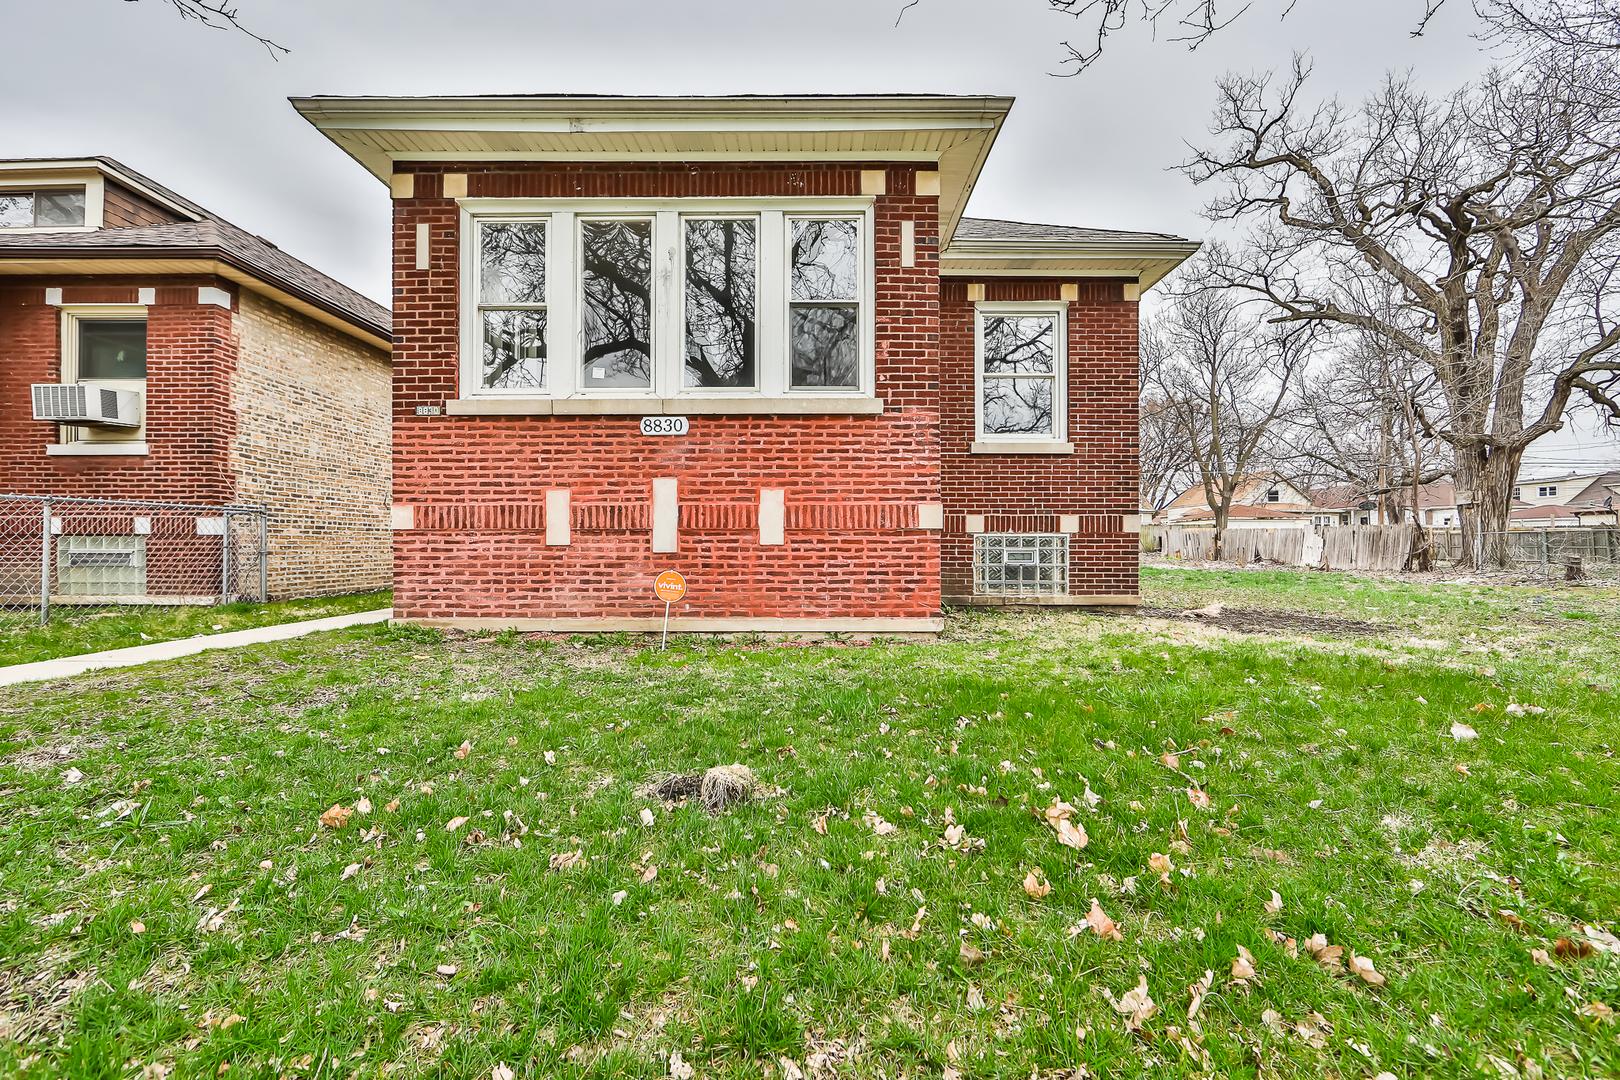 8830 S Carpenter Exterior Photo